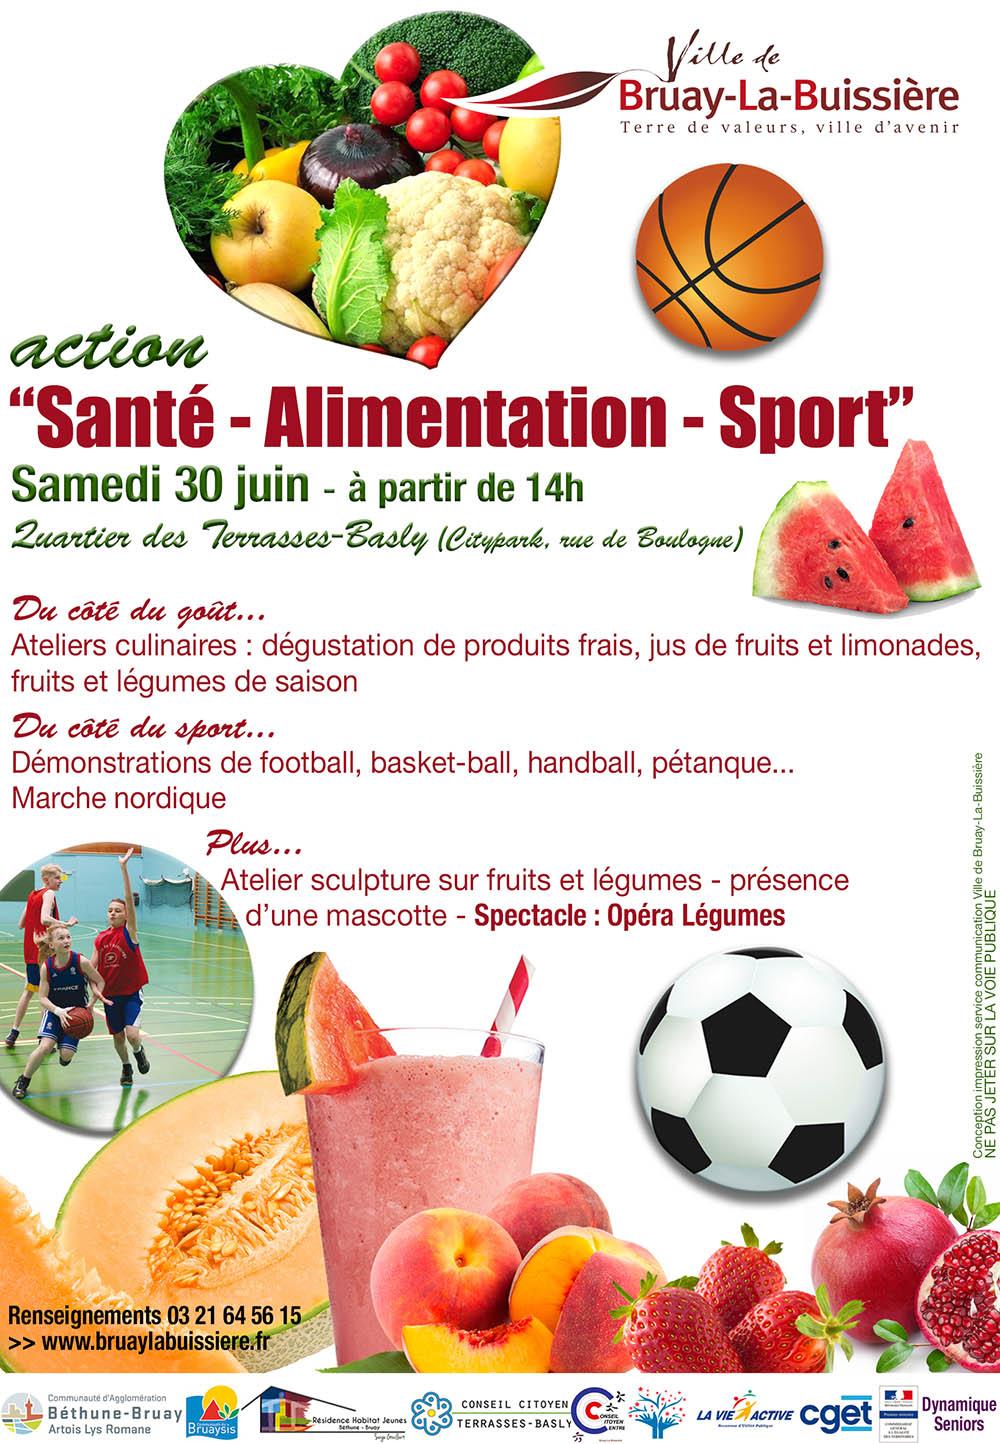 Santé alimentation sport